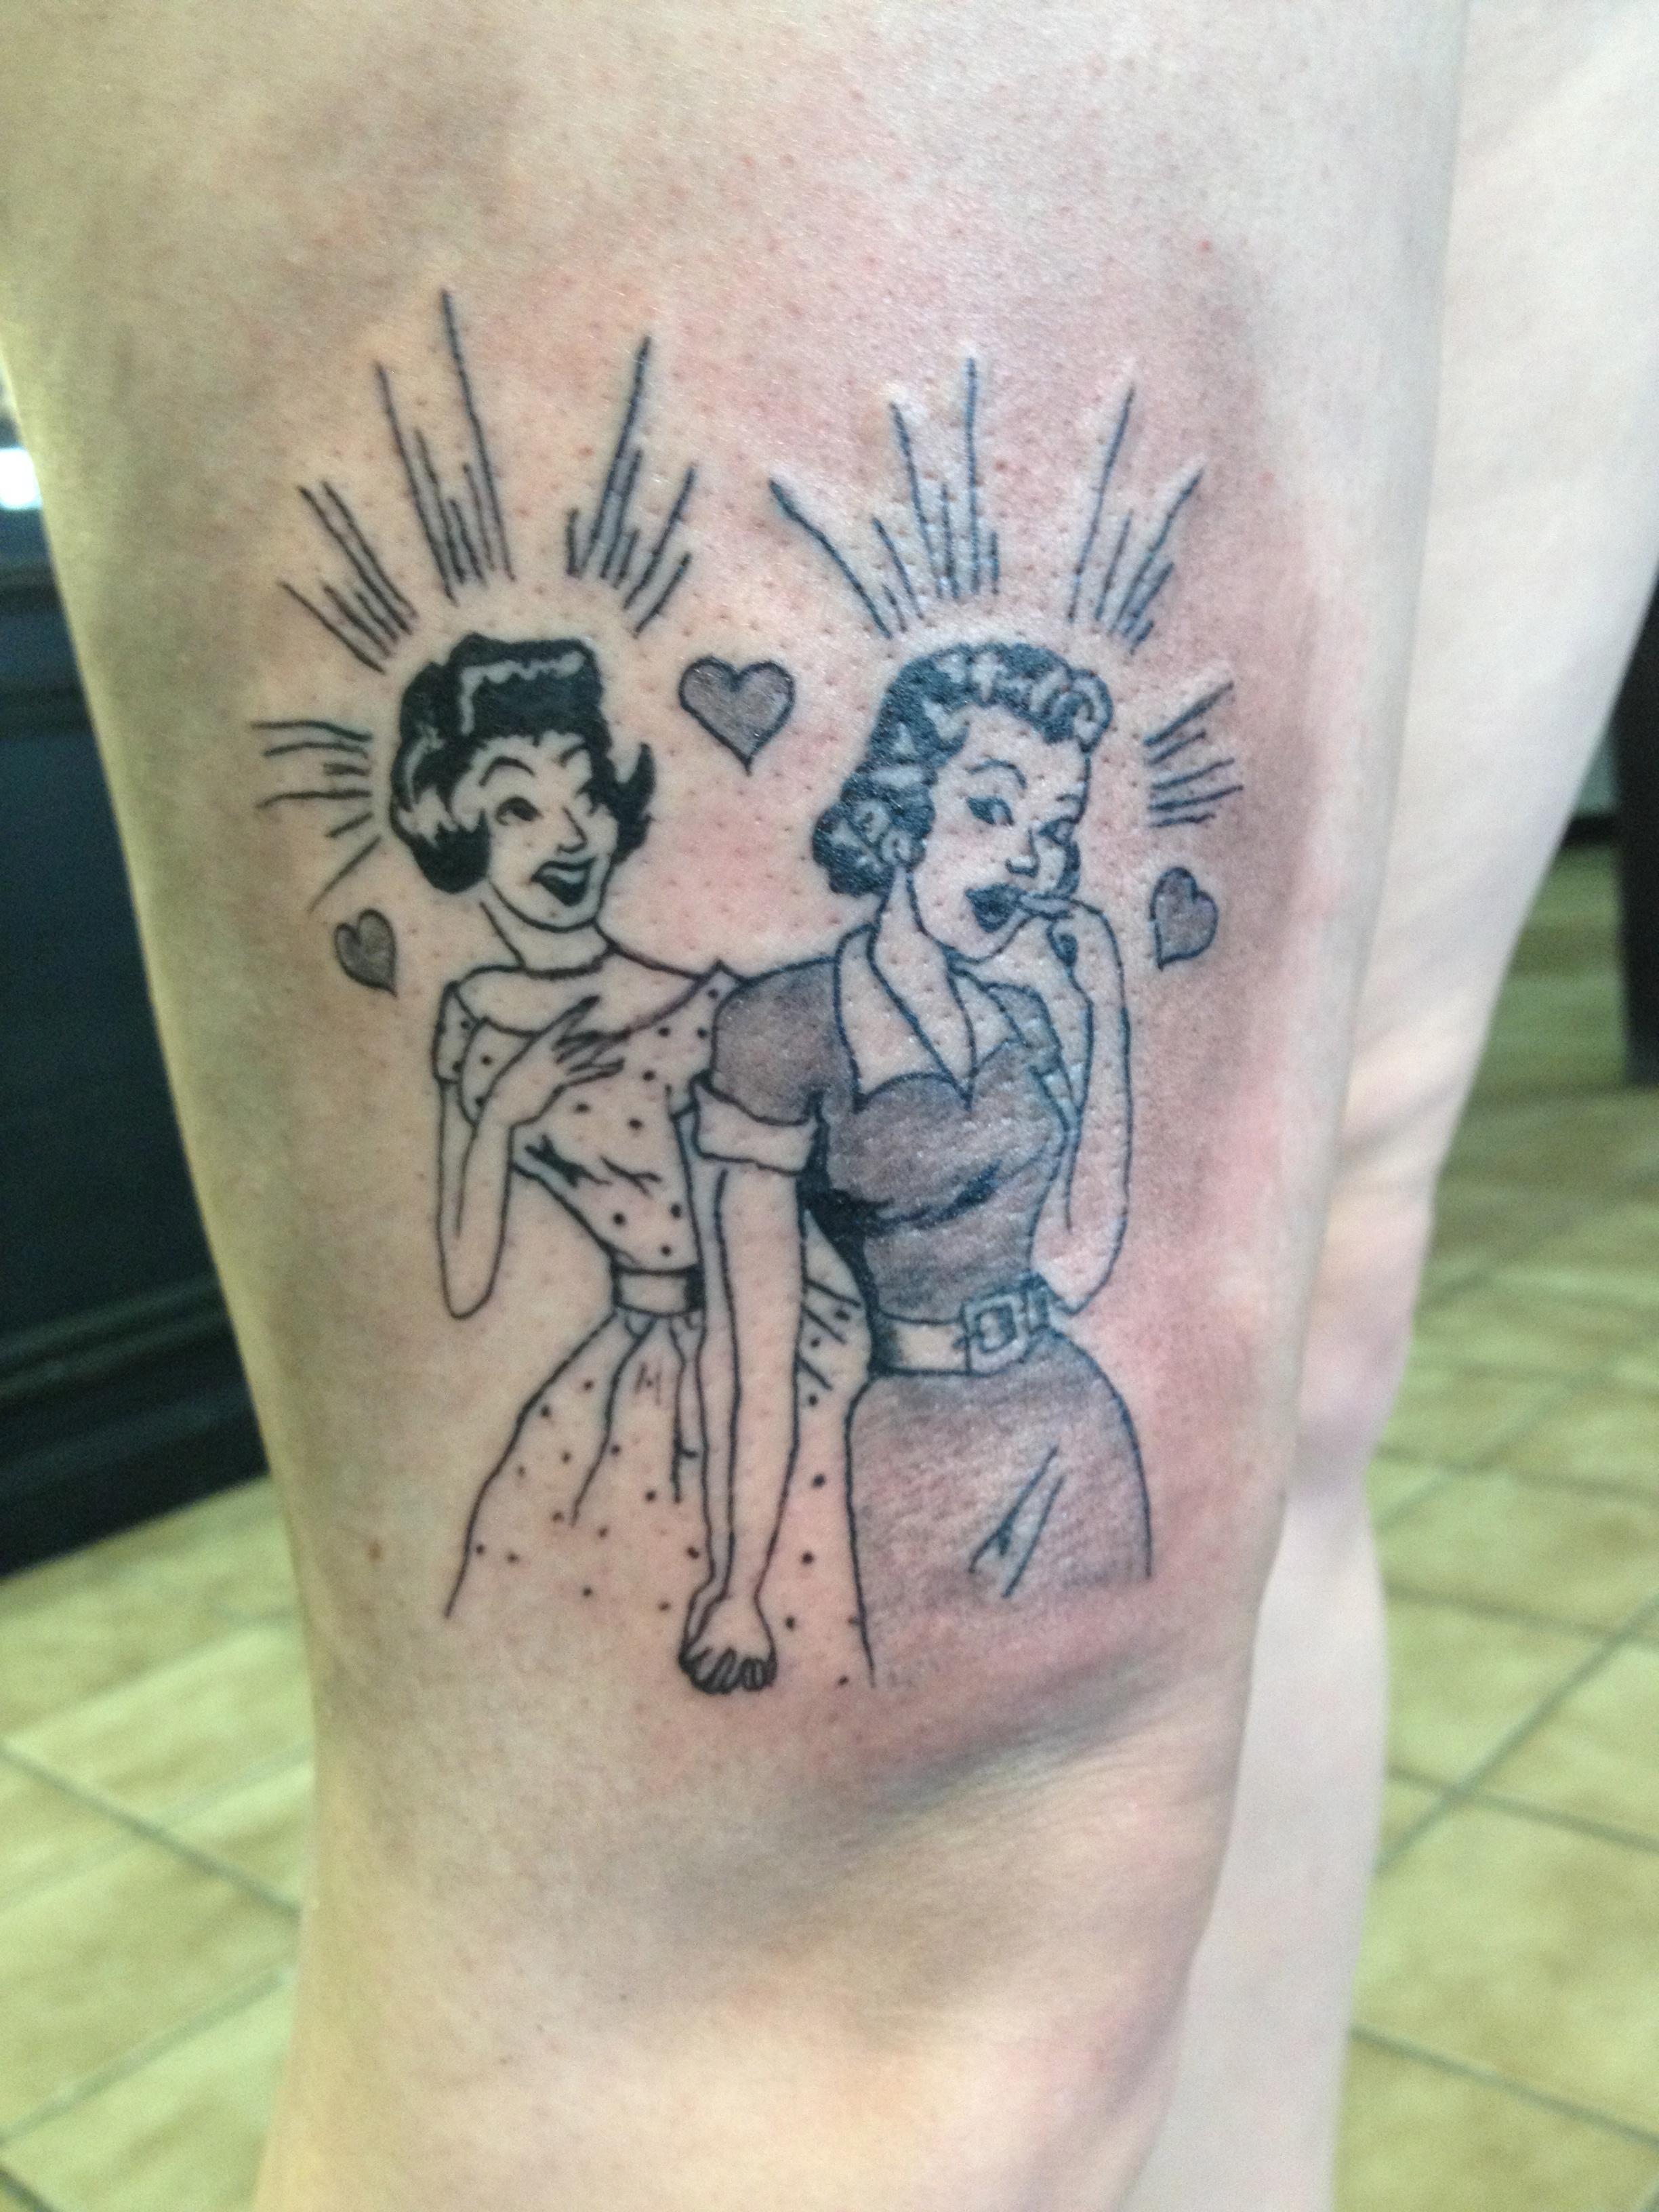 50s cartoon tattoo